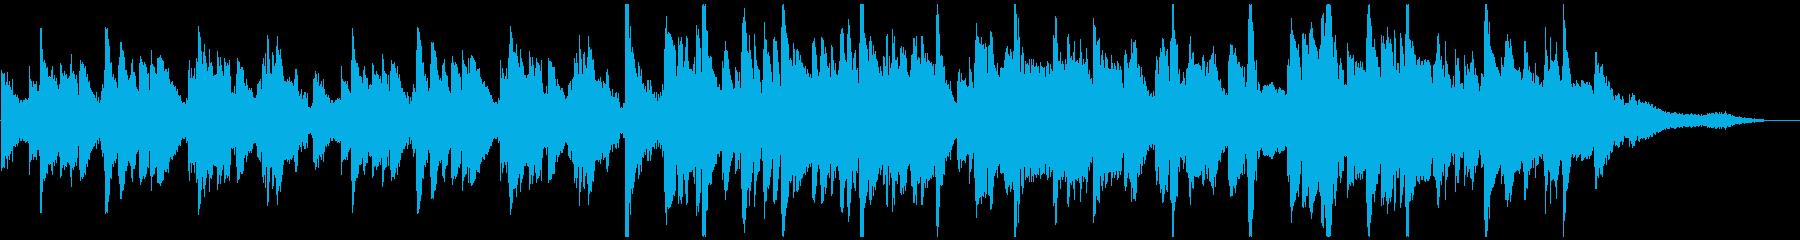 ゆったりとしたアコーディオンジャズの再生済みの波形